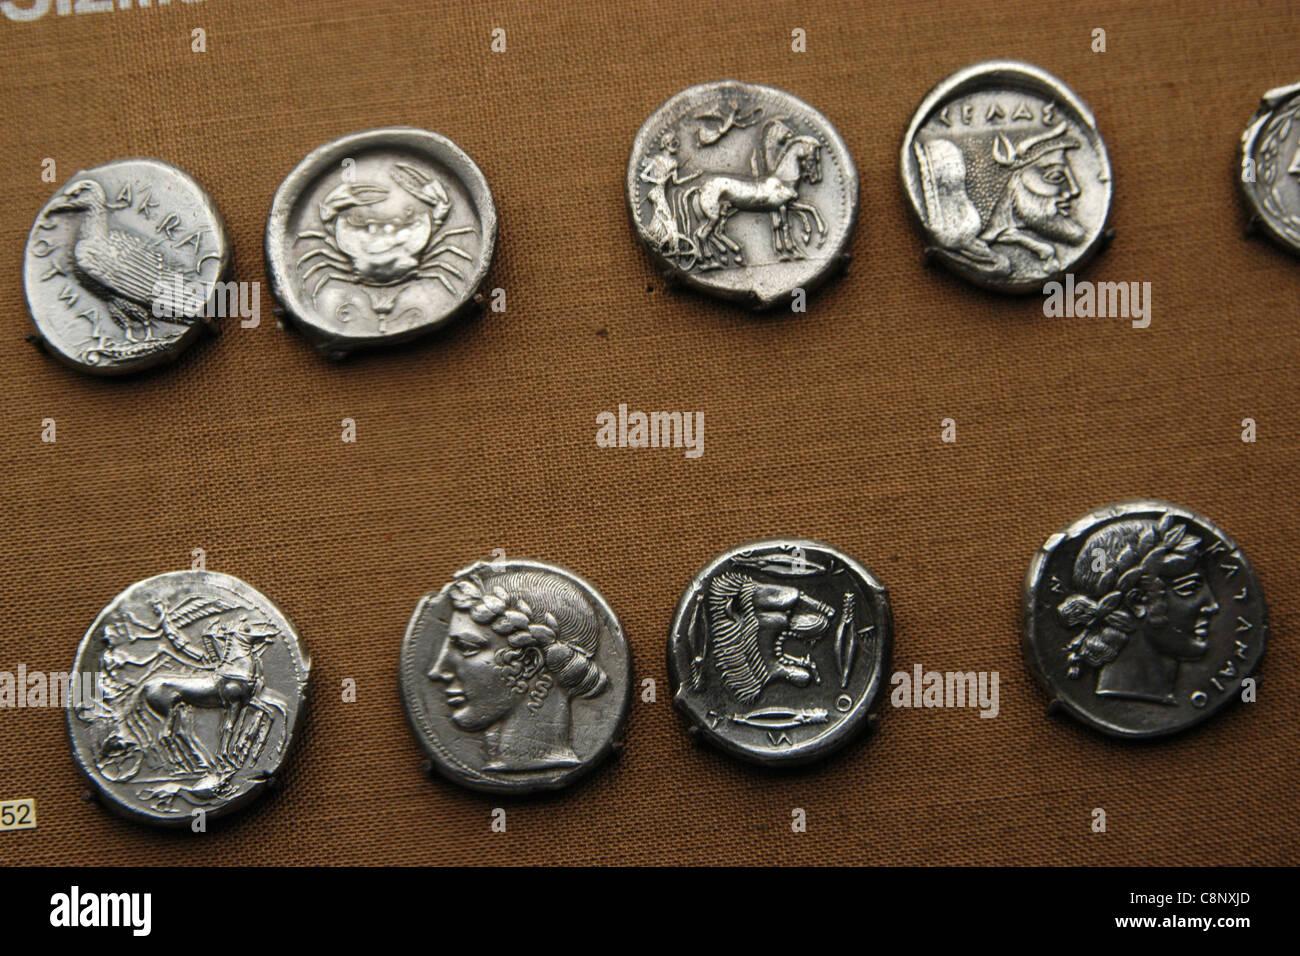 Antike griechische Münzen aus der numismatischen Sammlung des Pergamonmuseums in Berlin, Deutschland. Stockbild